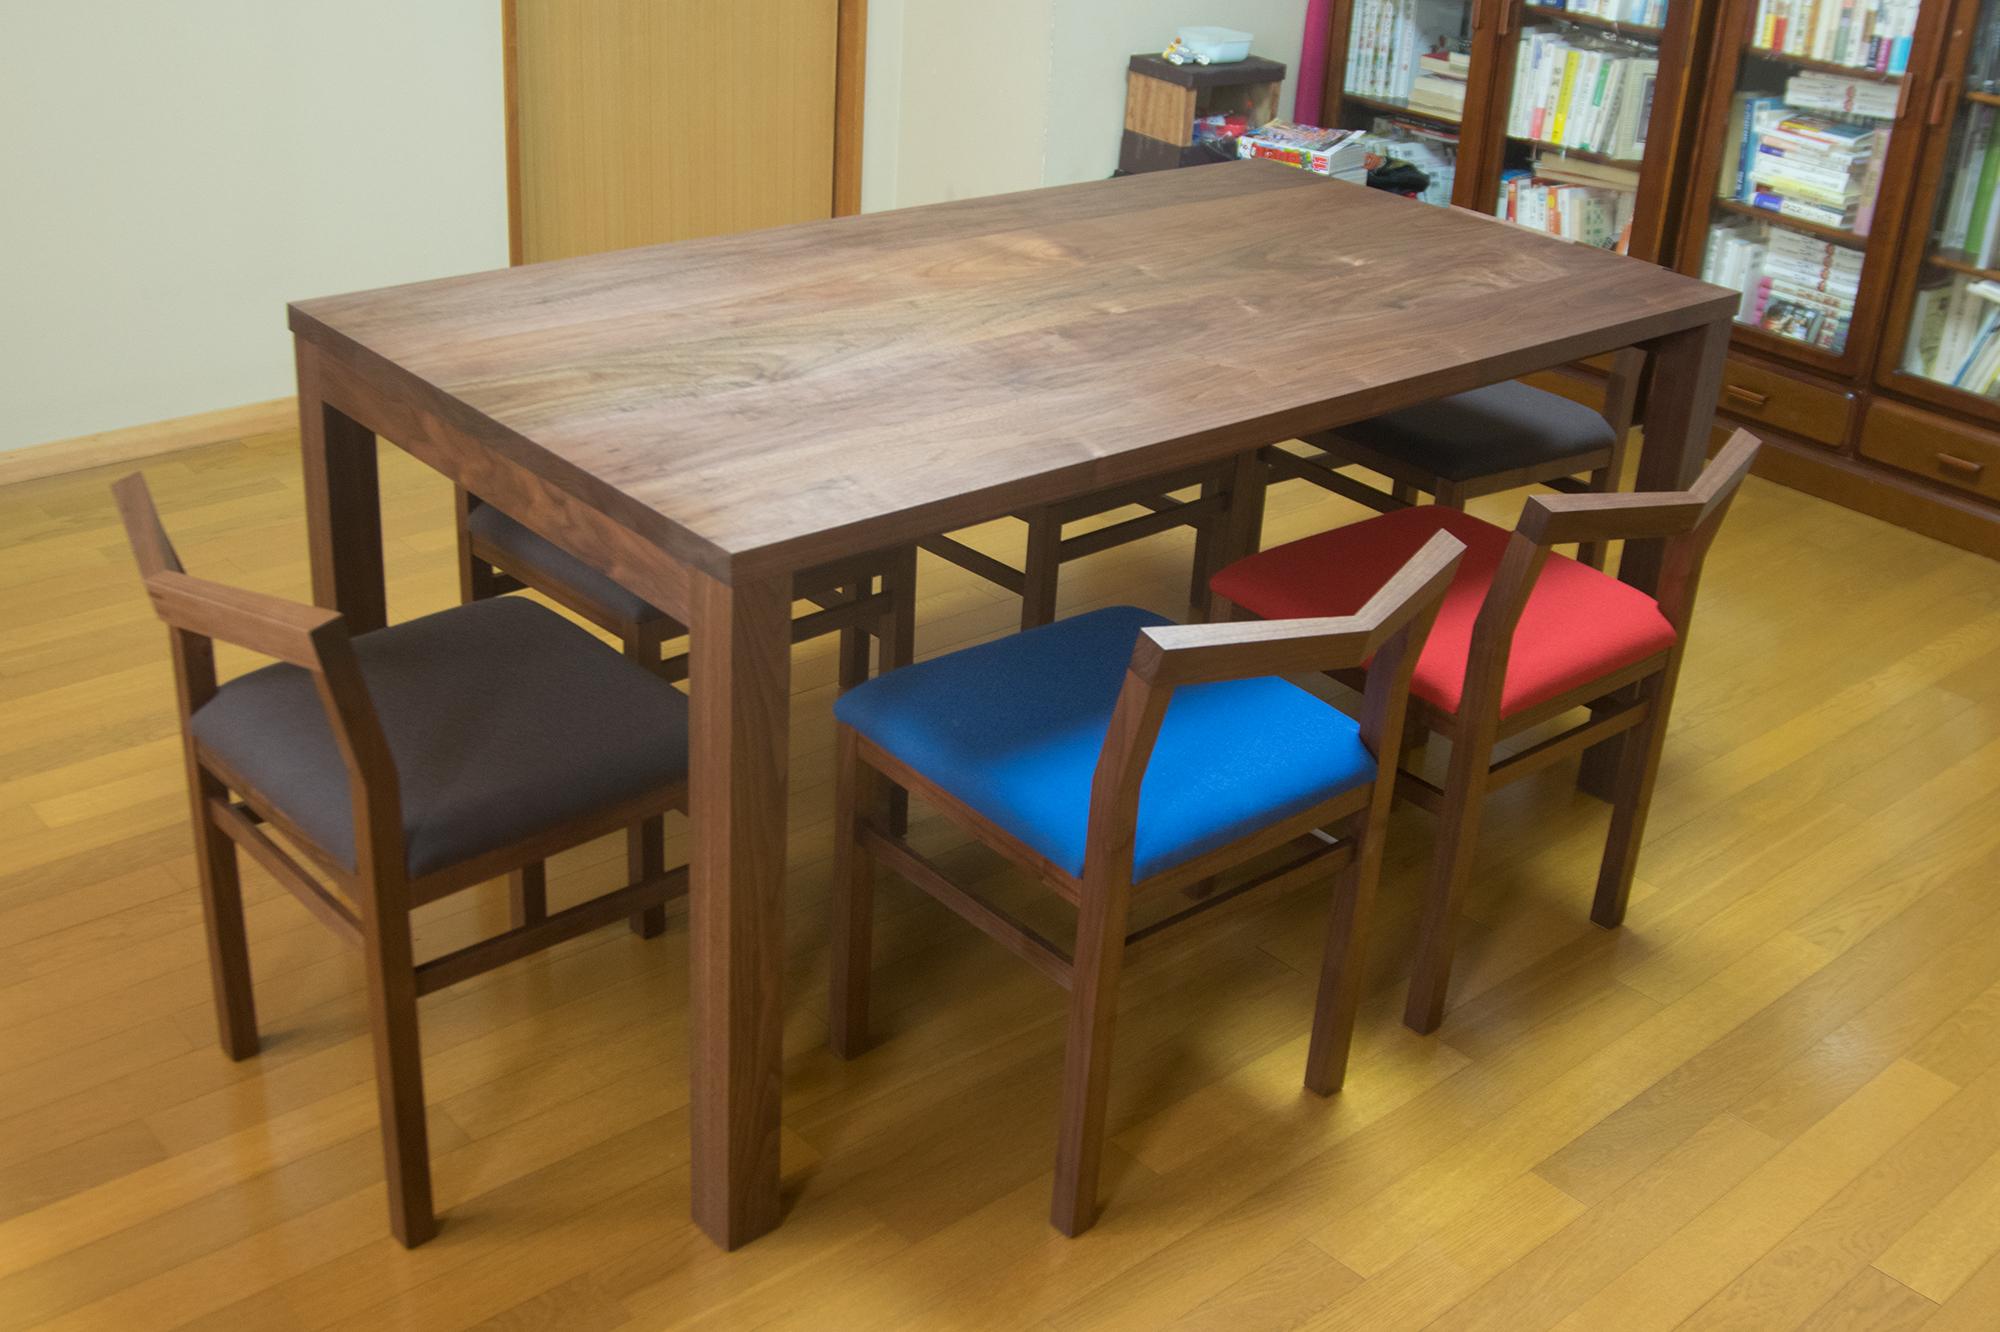 ウォールナット材スタンダードテーブルとピコチェアのダイニングセットご納品の様子